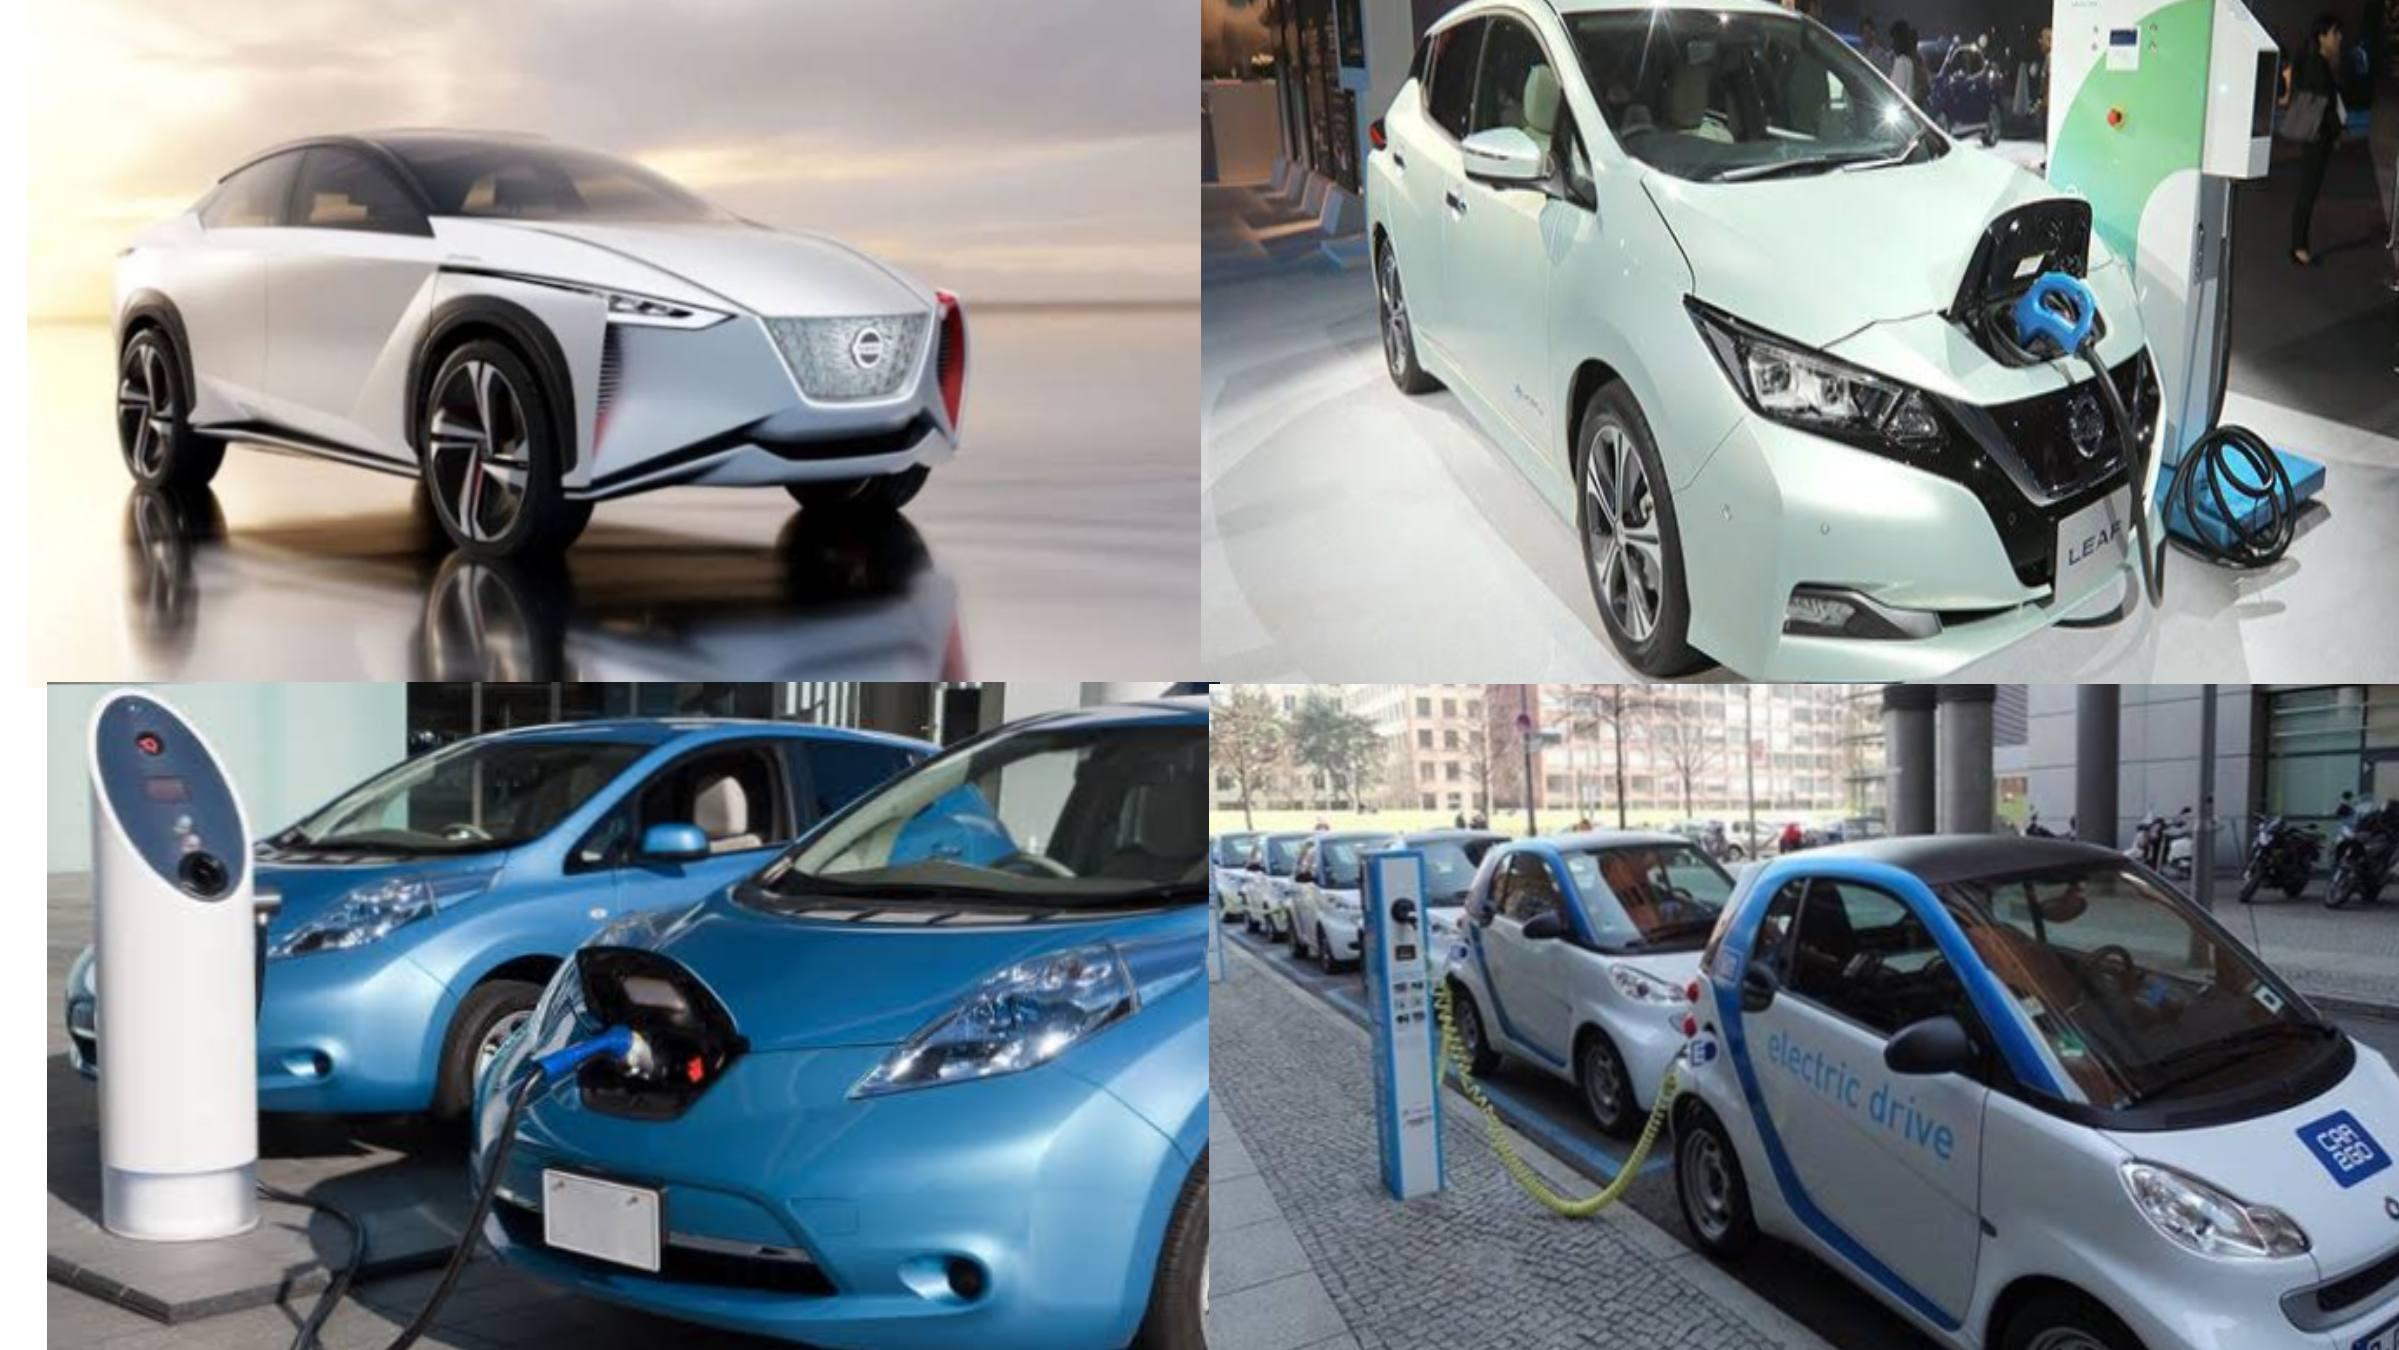 نحو الحضر النهائي لسيارات البنزين في اليابان